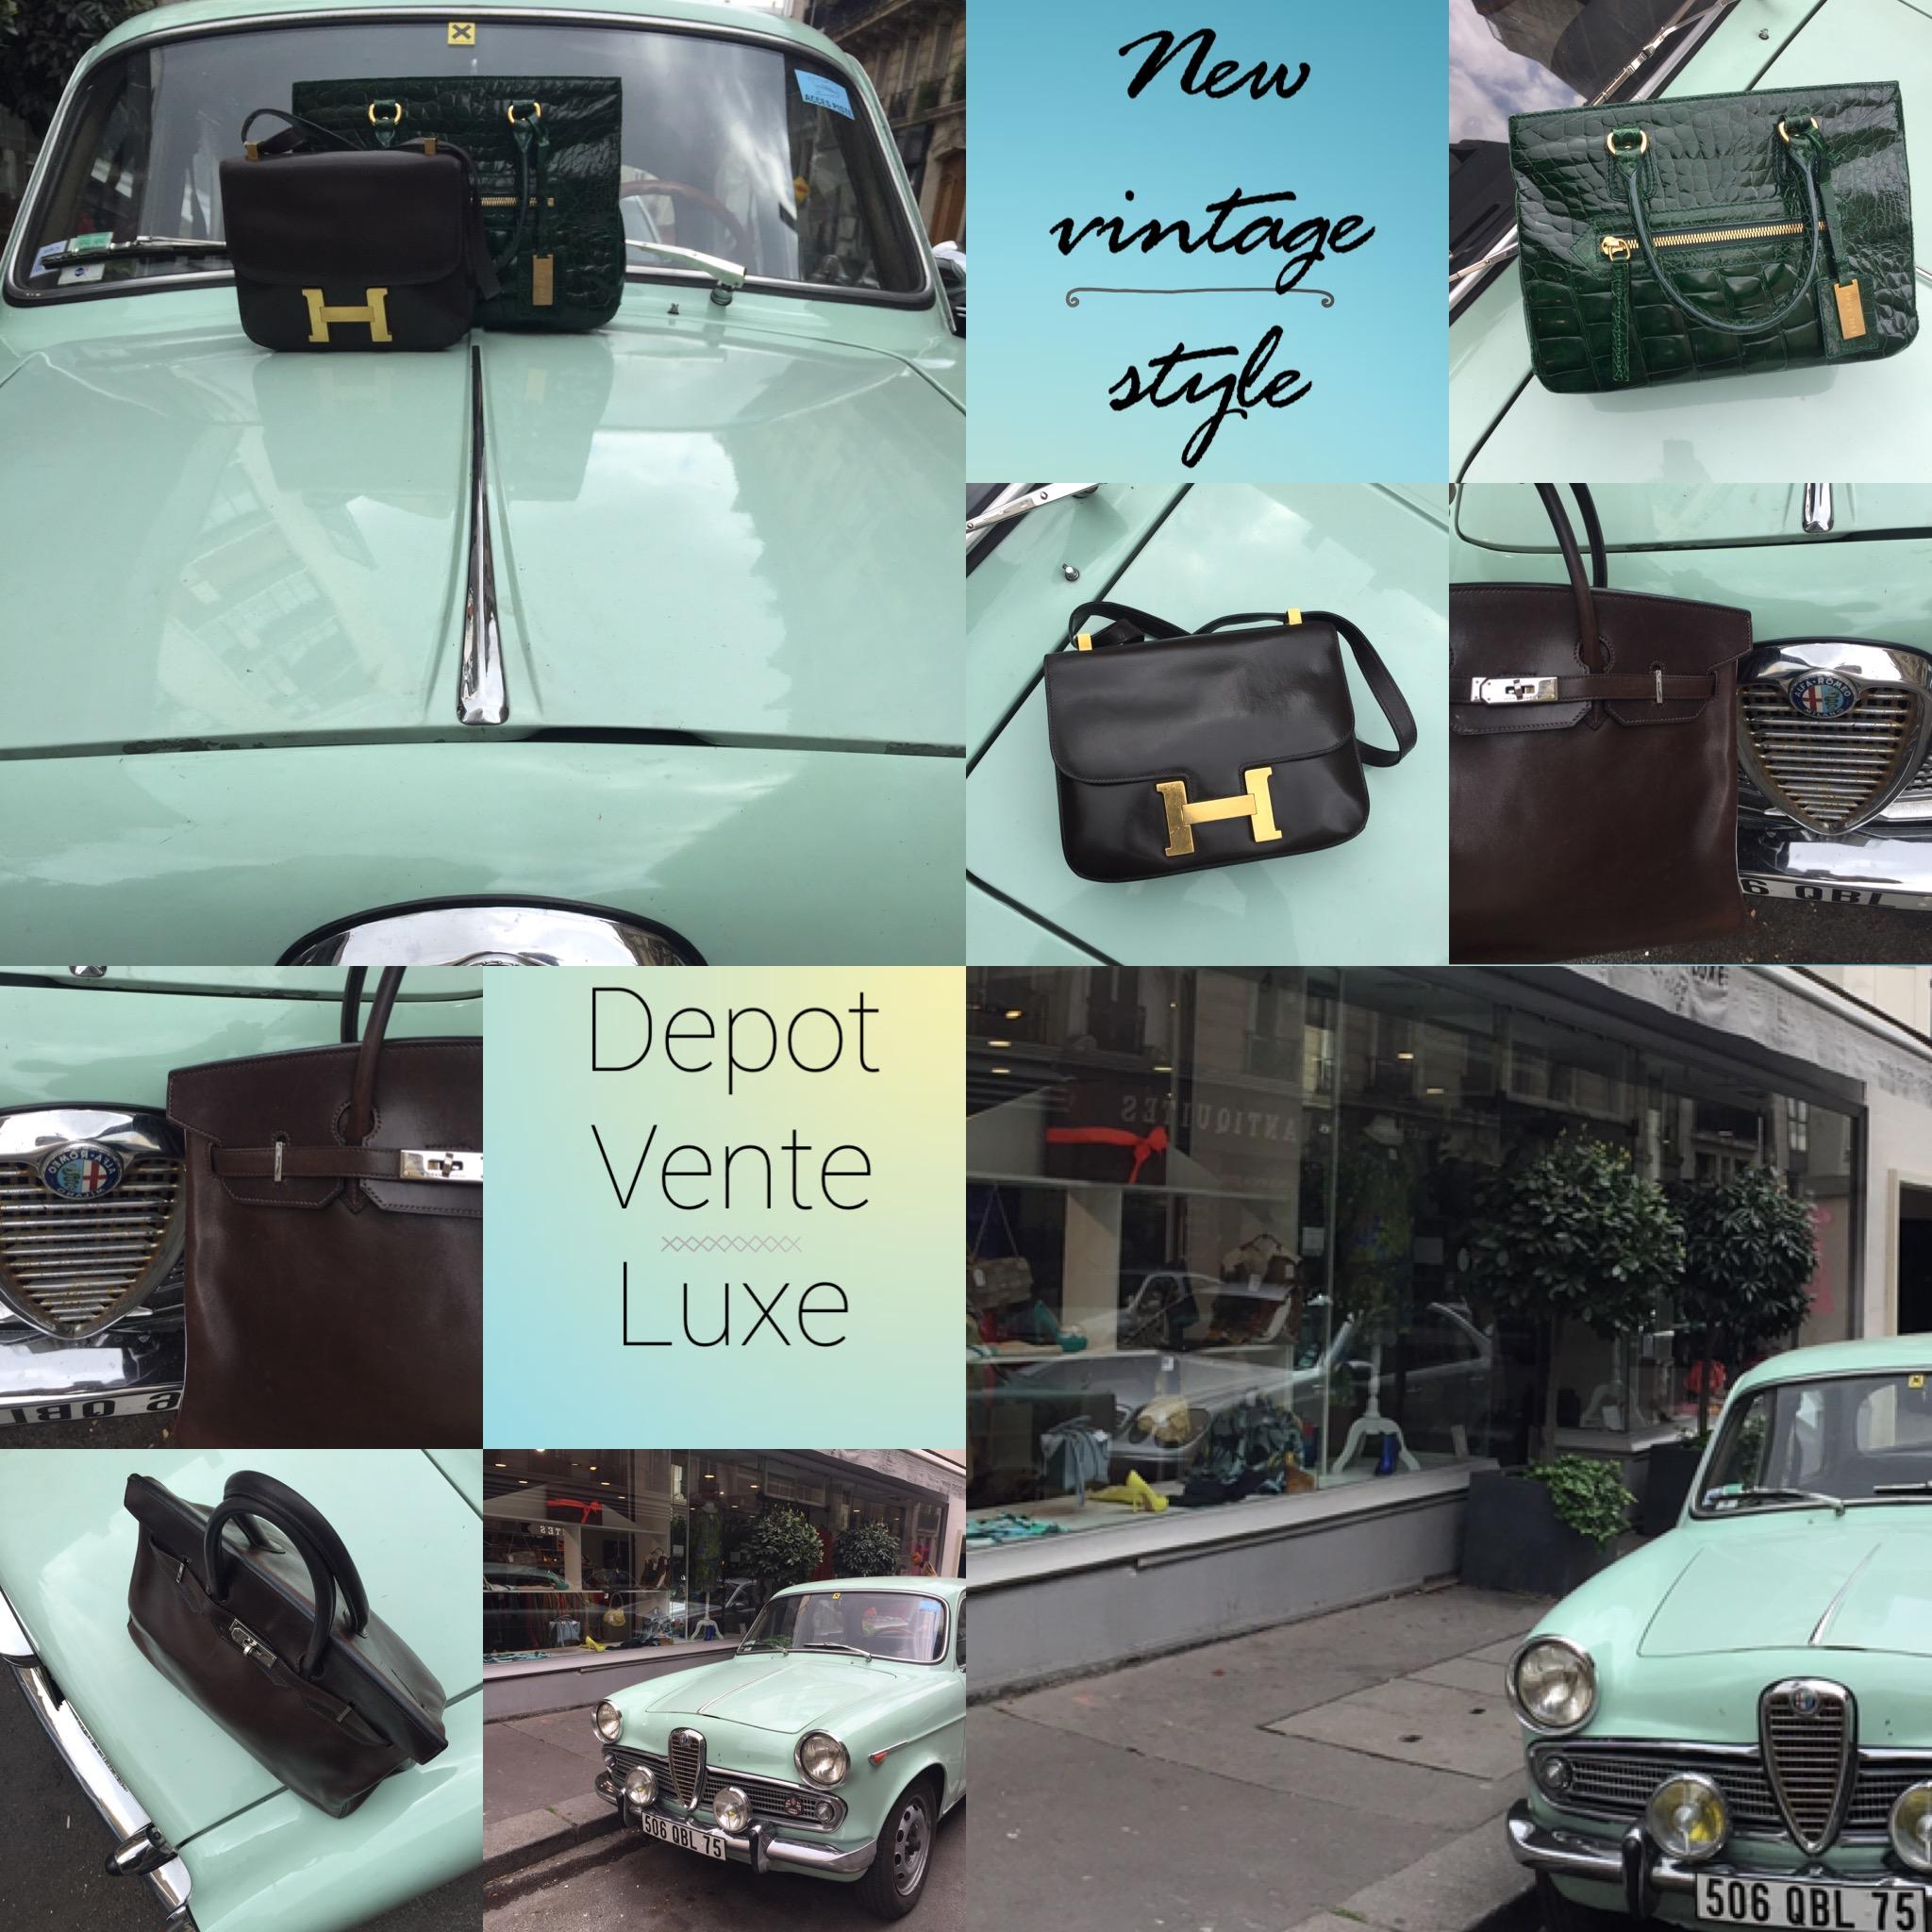 magasin depot vente luxe rue de la tour paris